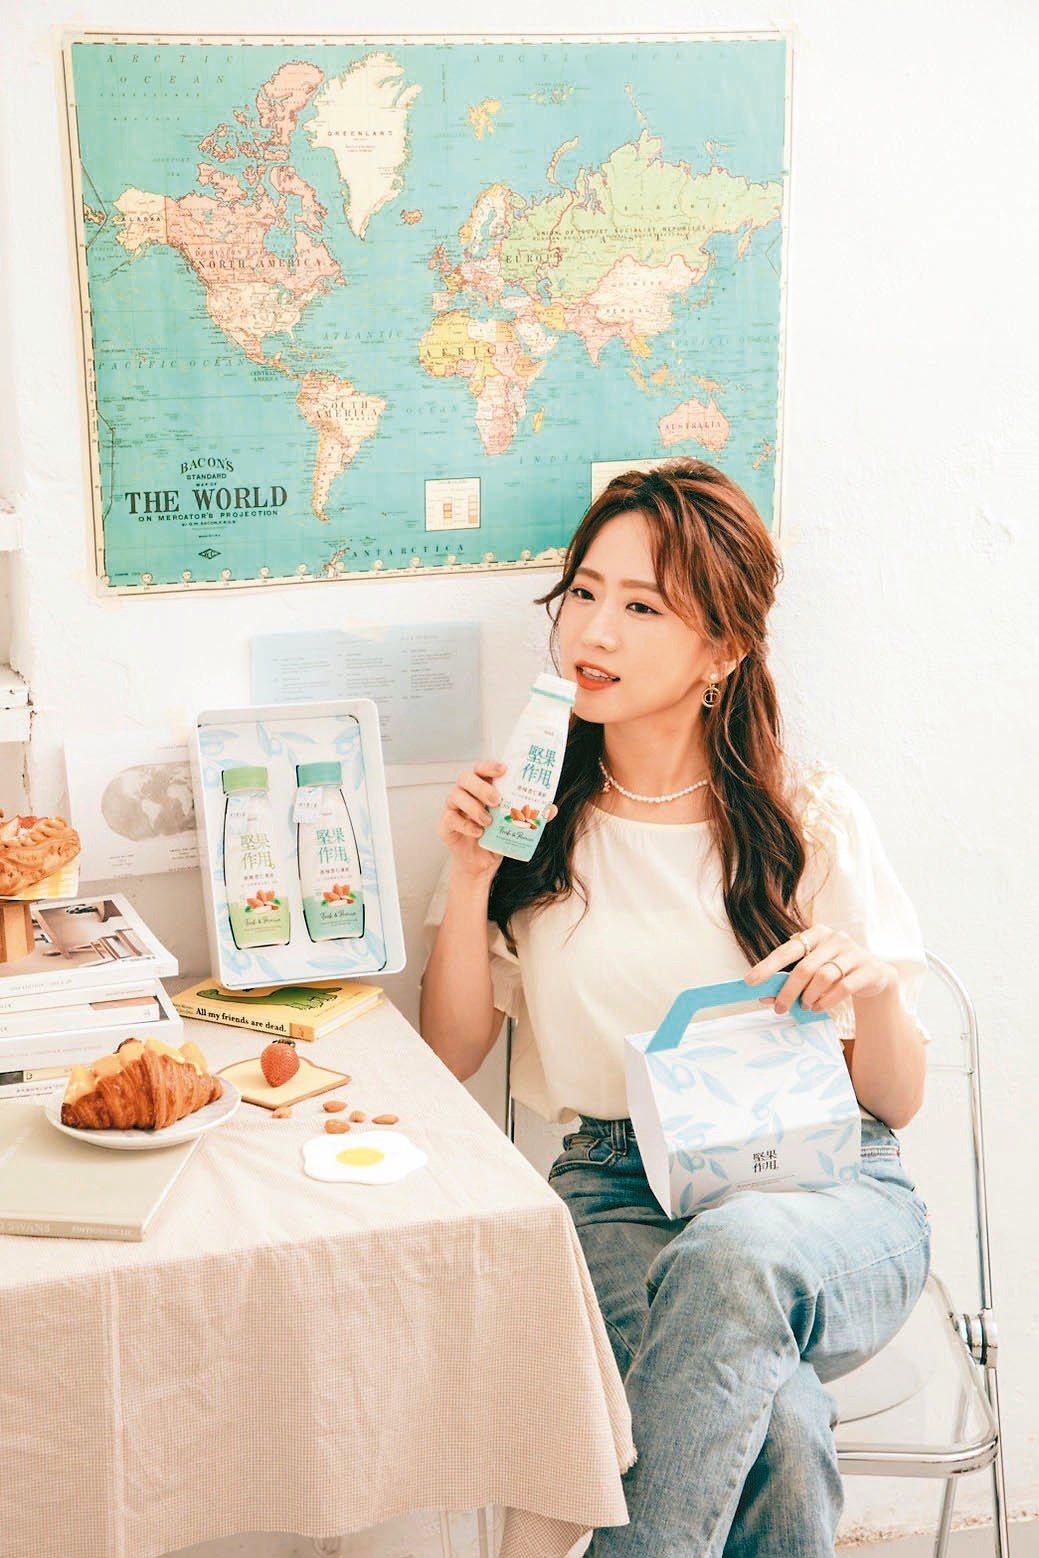 健康好喝、營養與質感兼具的《堅果作用》,為大眾提供早餐飲品新選擇。泰山企業/提供